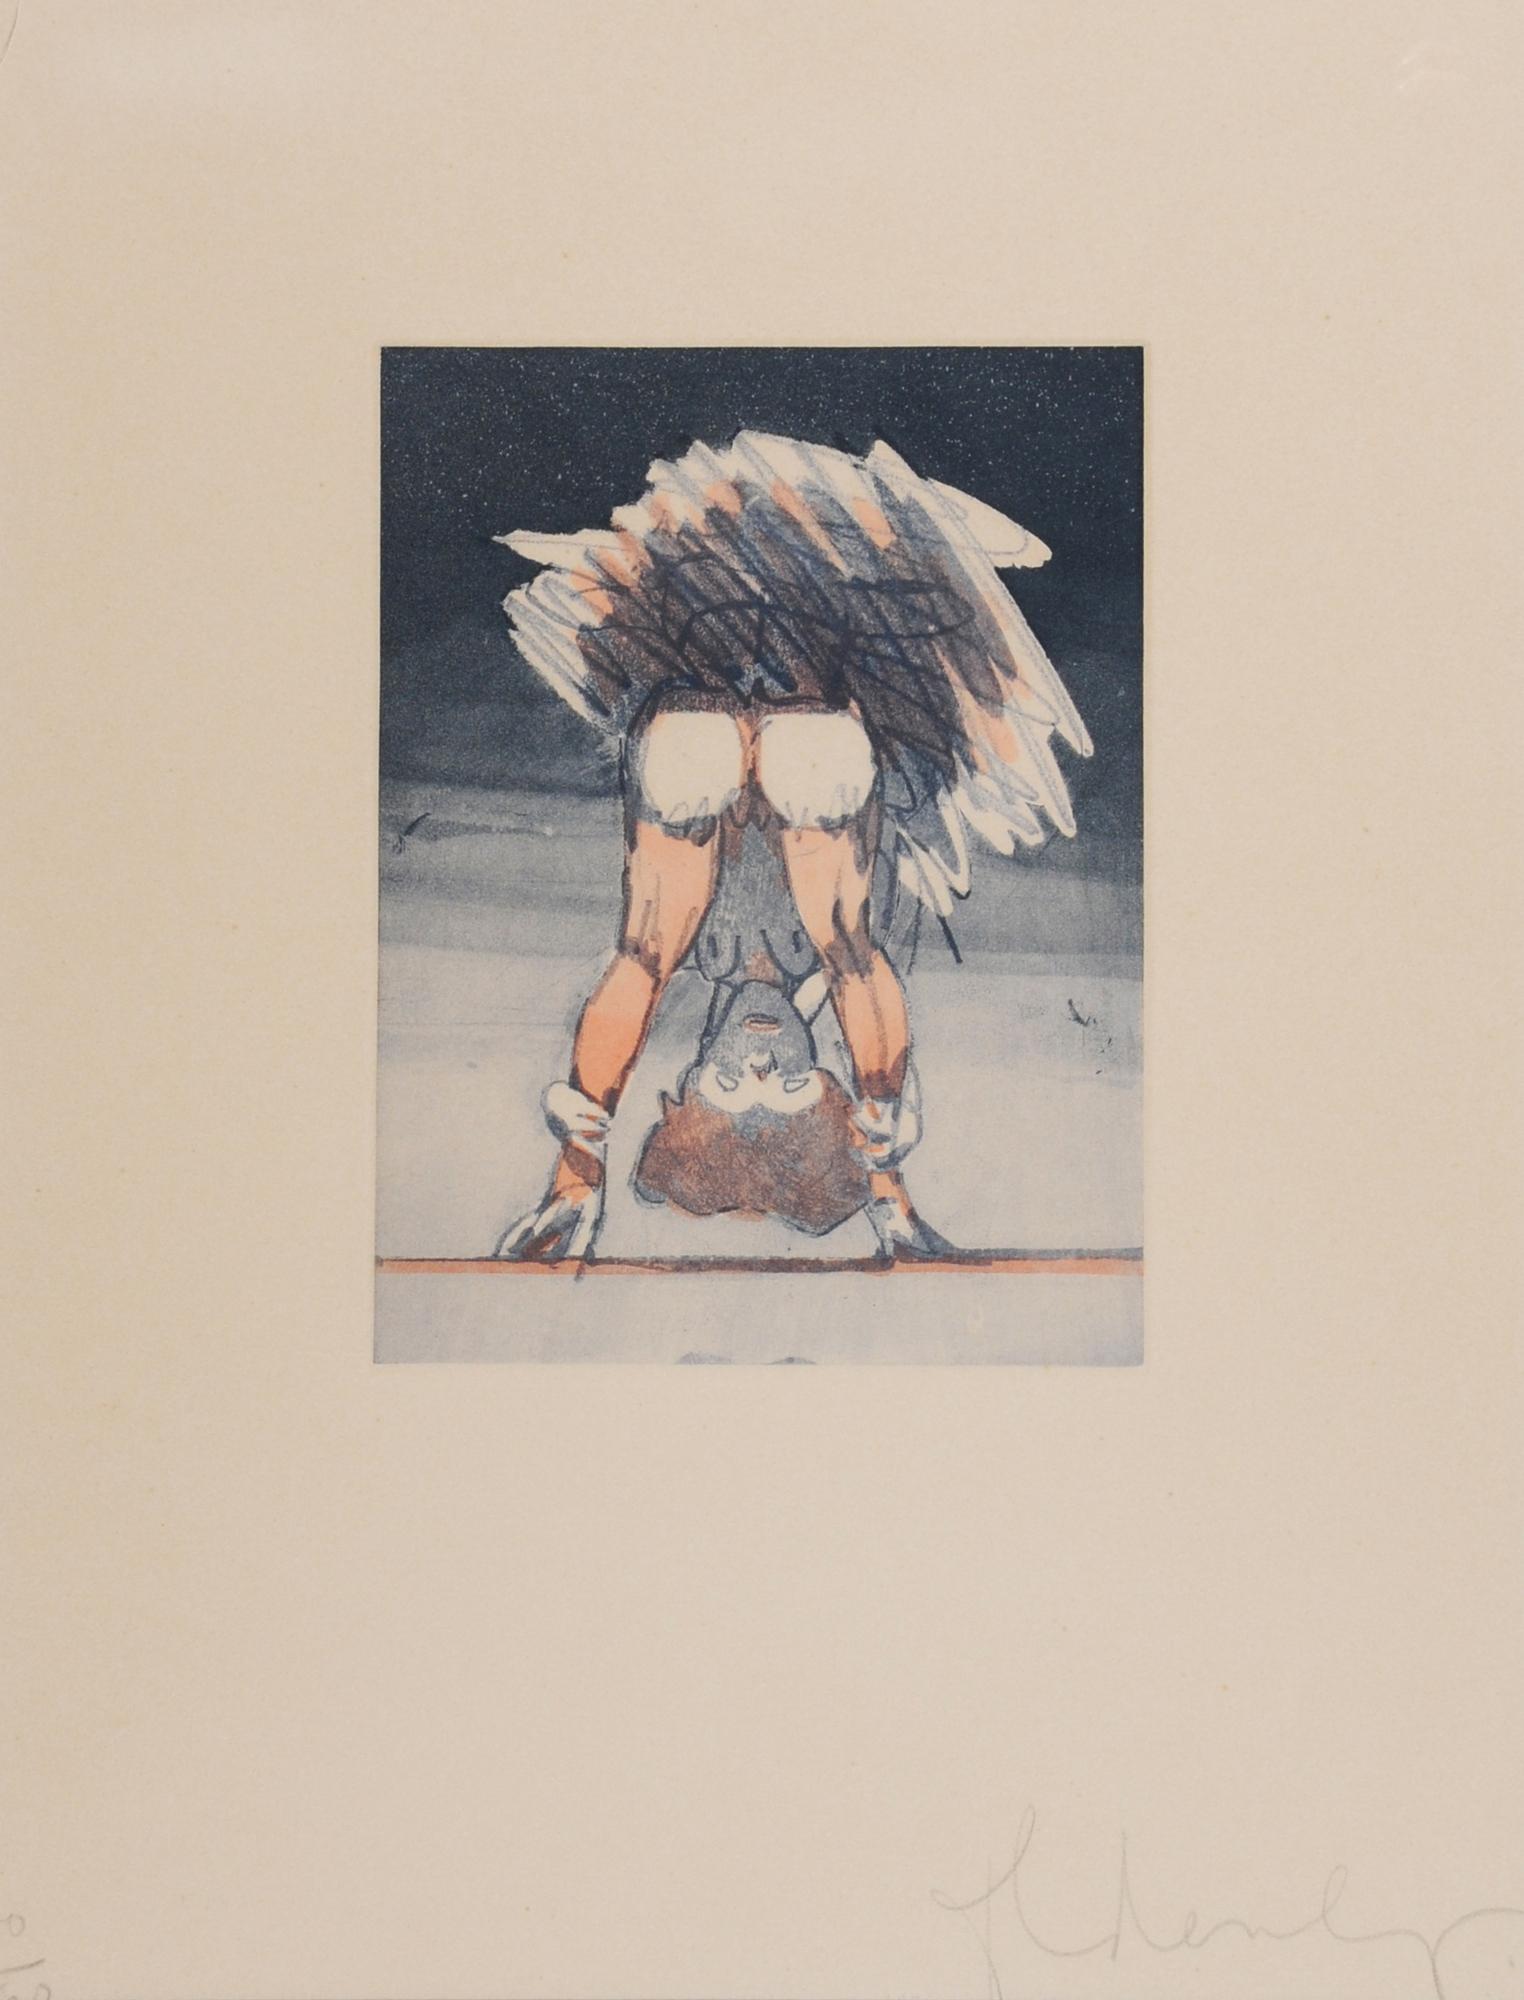 Oldenburg Claes, Figure Looking through Legs